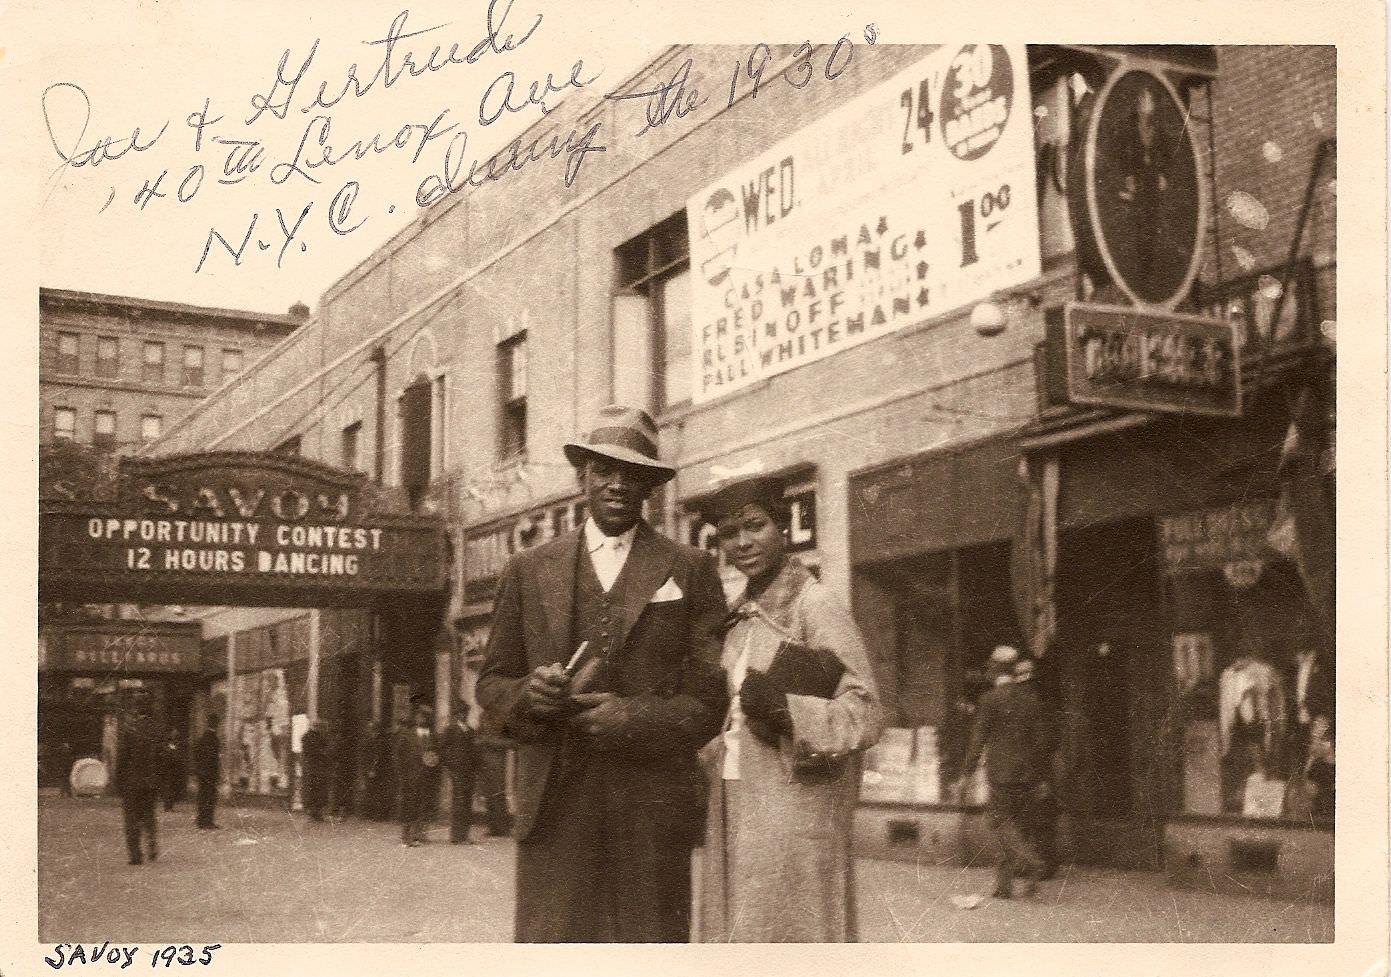 c.1930s – Gertrude Hadley Jeannette & Joe Jeannette II sometime in the early to mid 1930s. Source: unknown.